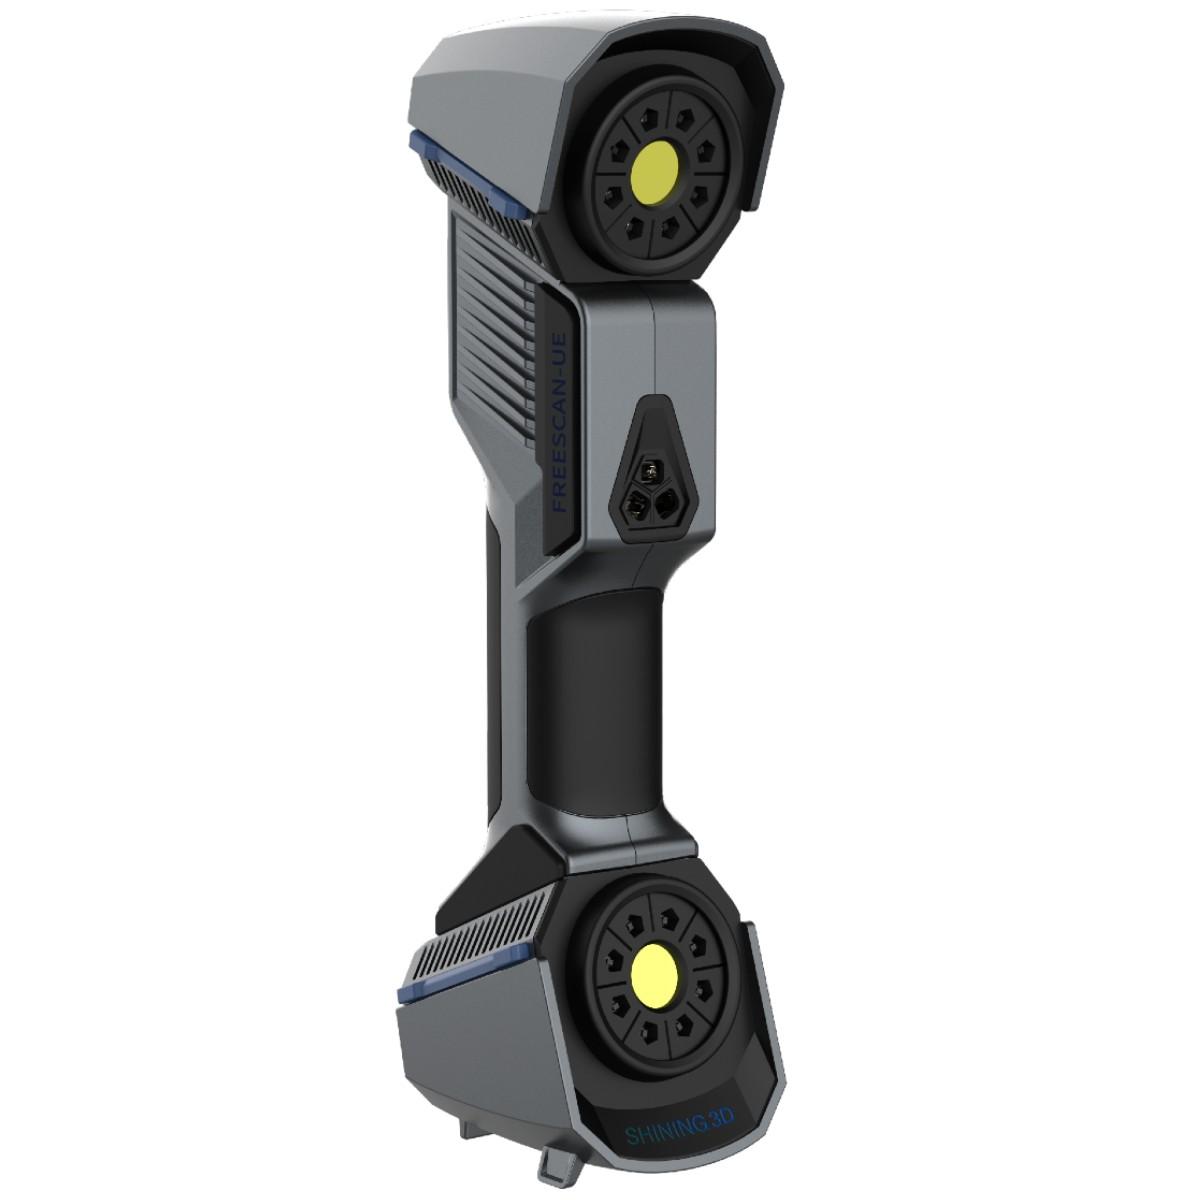 FreeScan UE7 Handheld 3D Laser Scanner